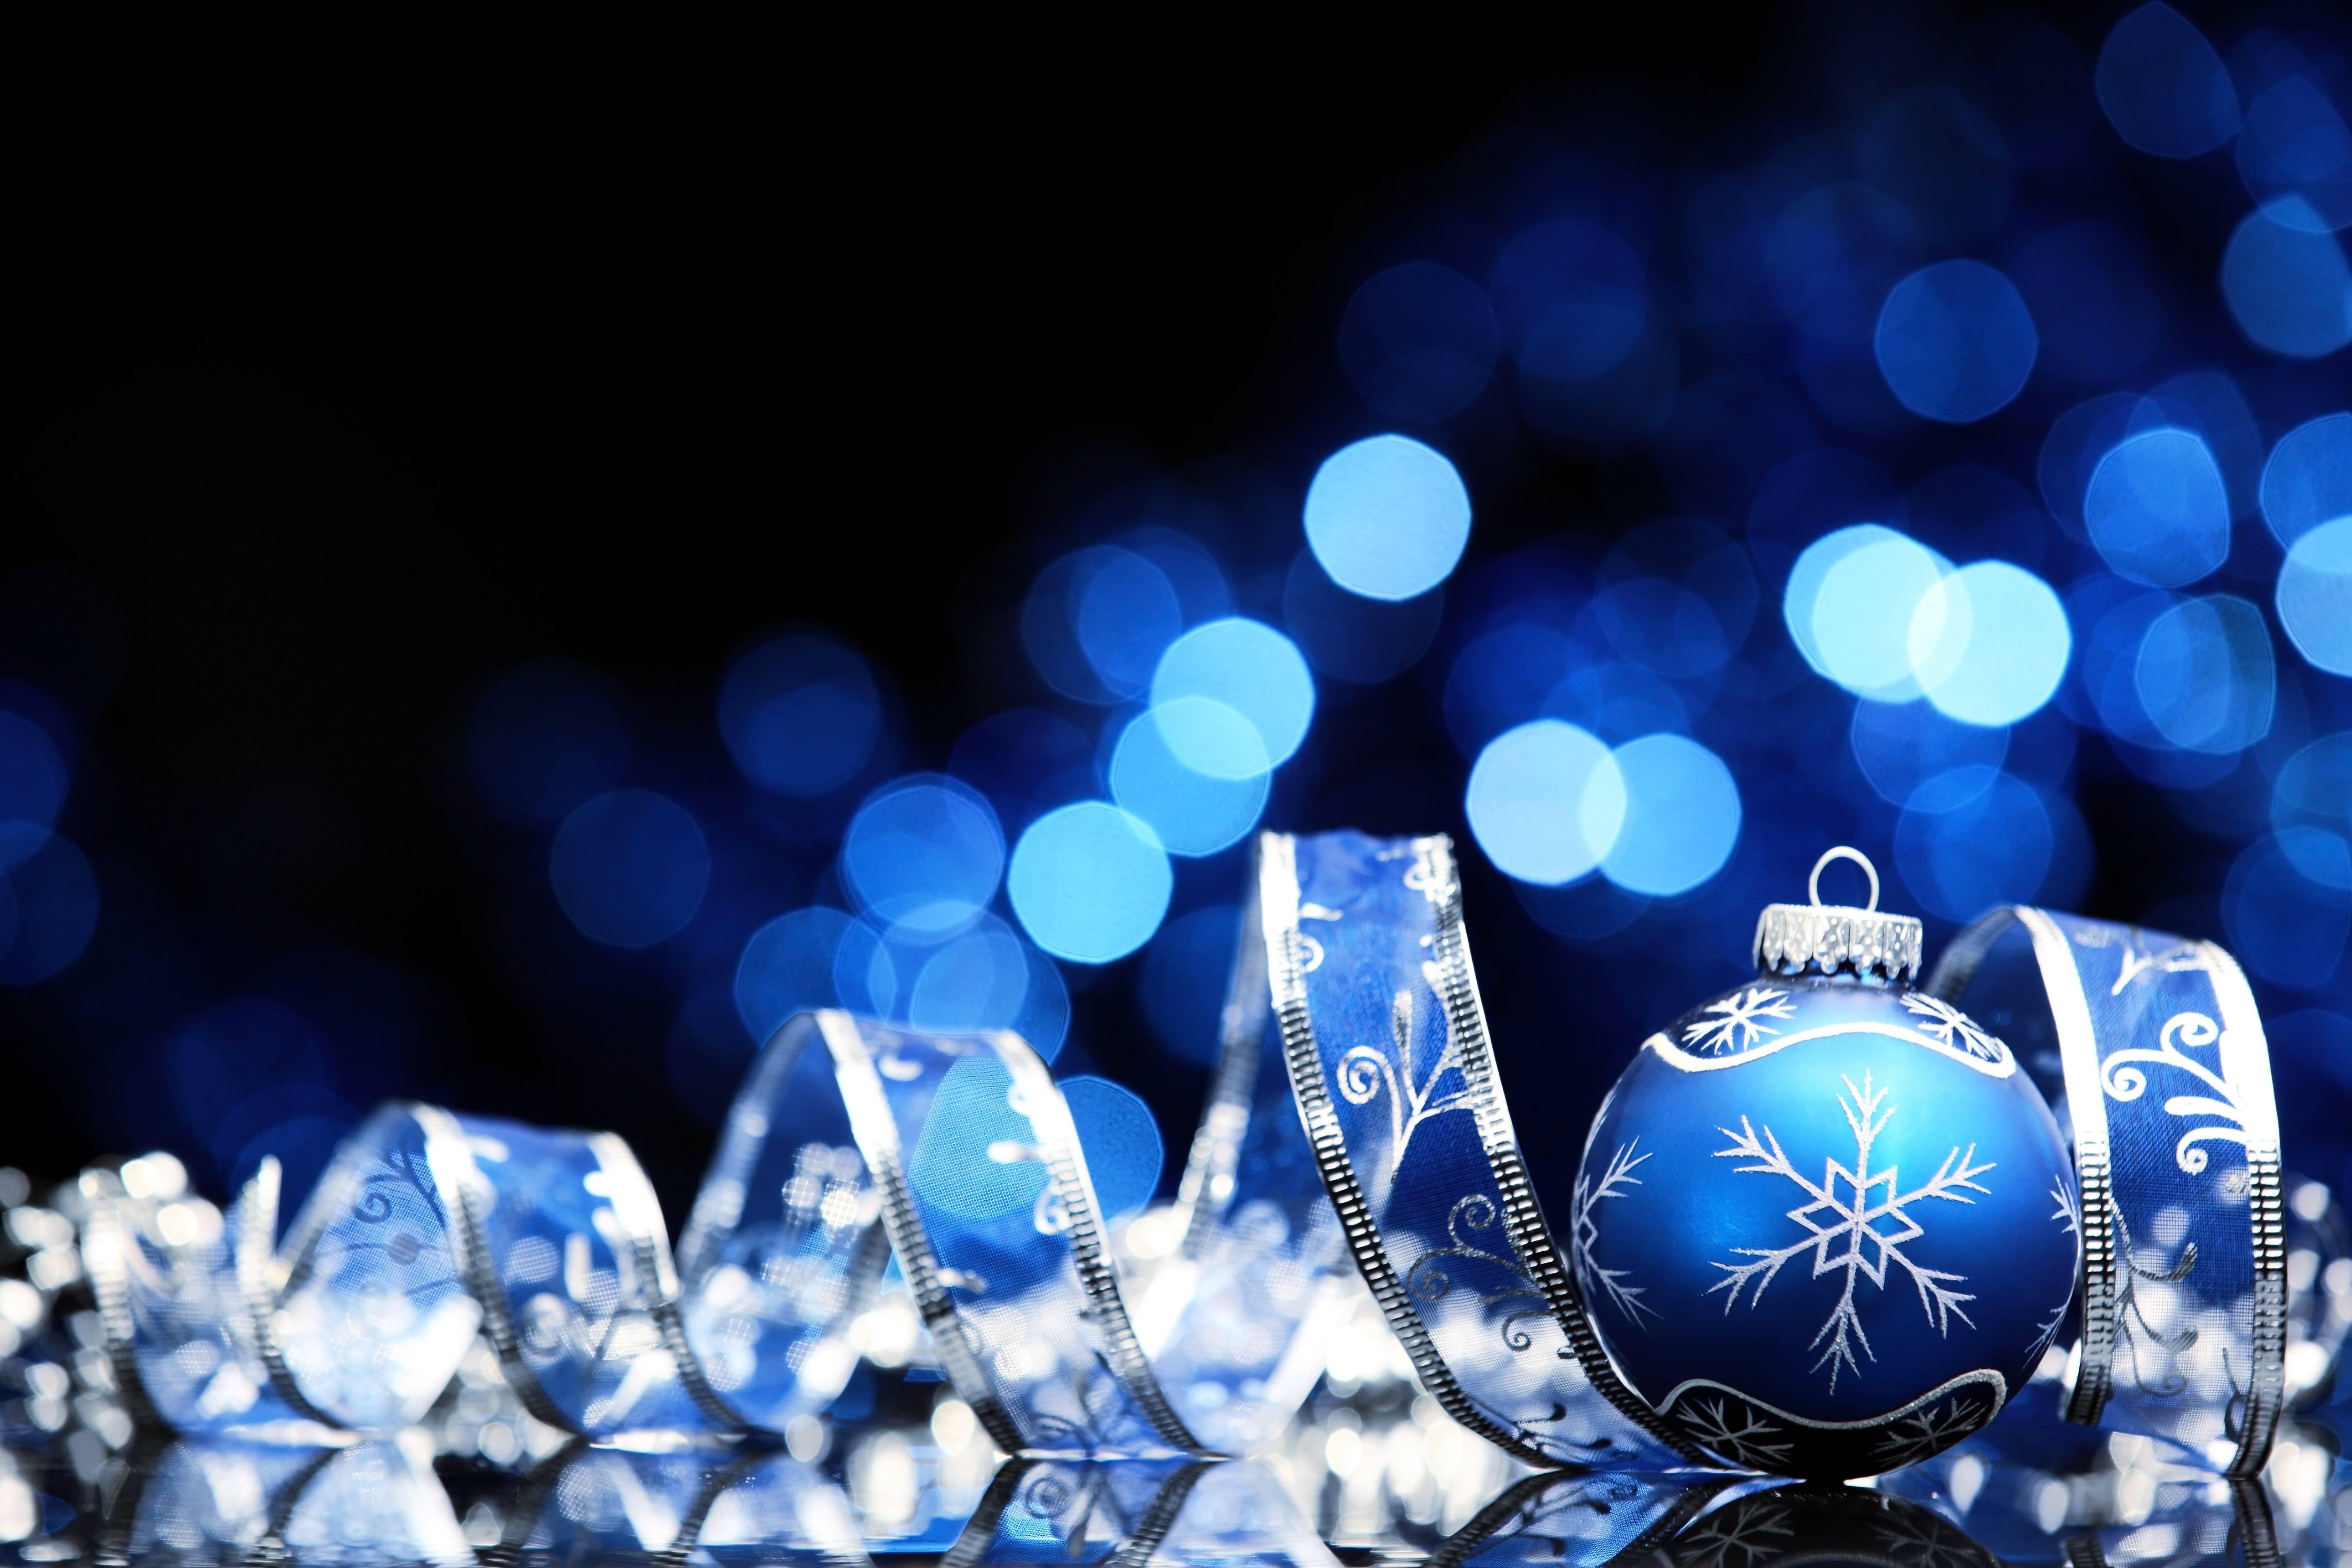 Blue Christmas Wallpaper photos